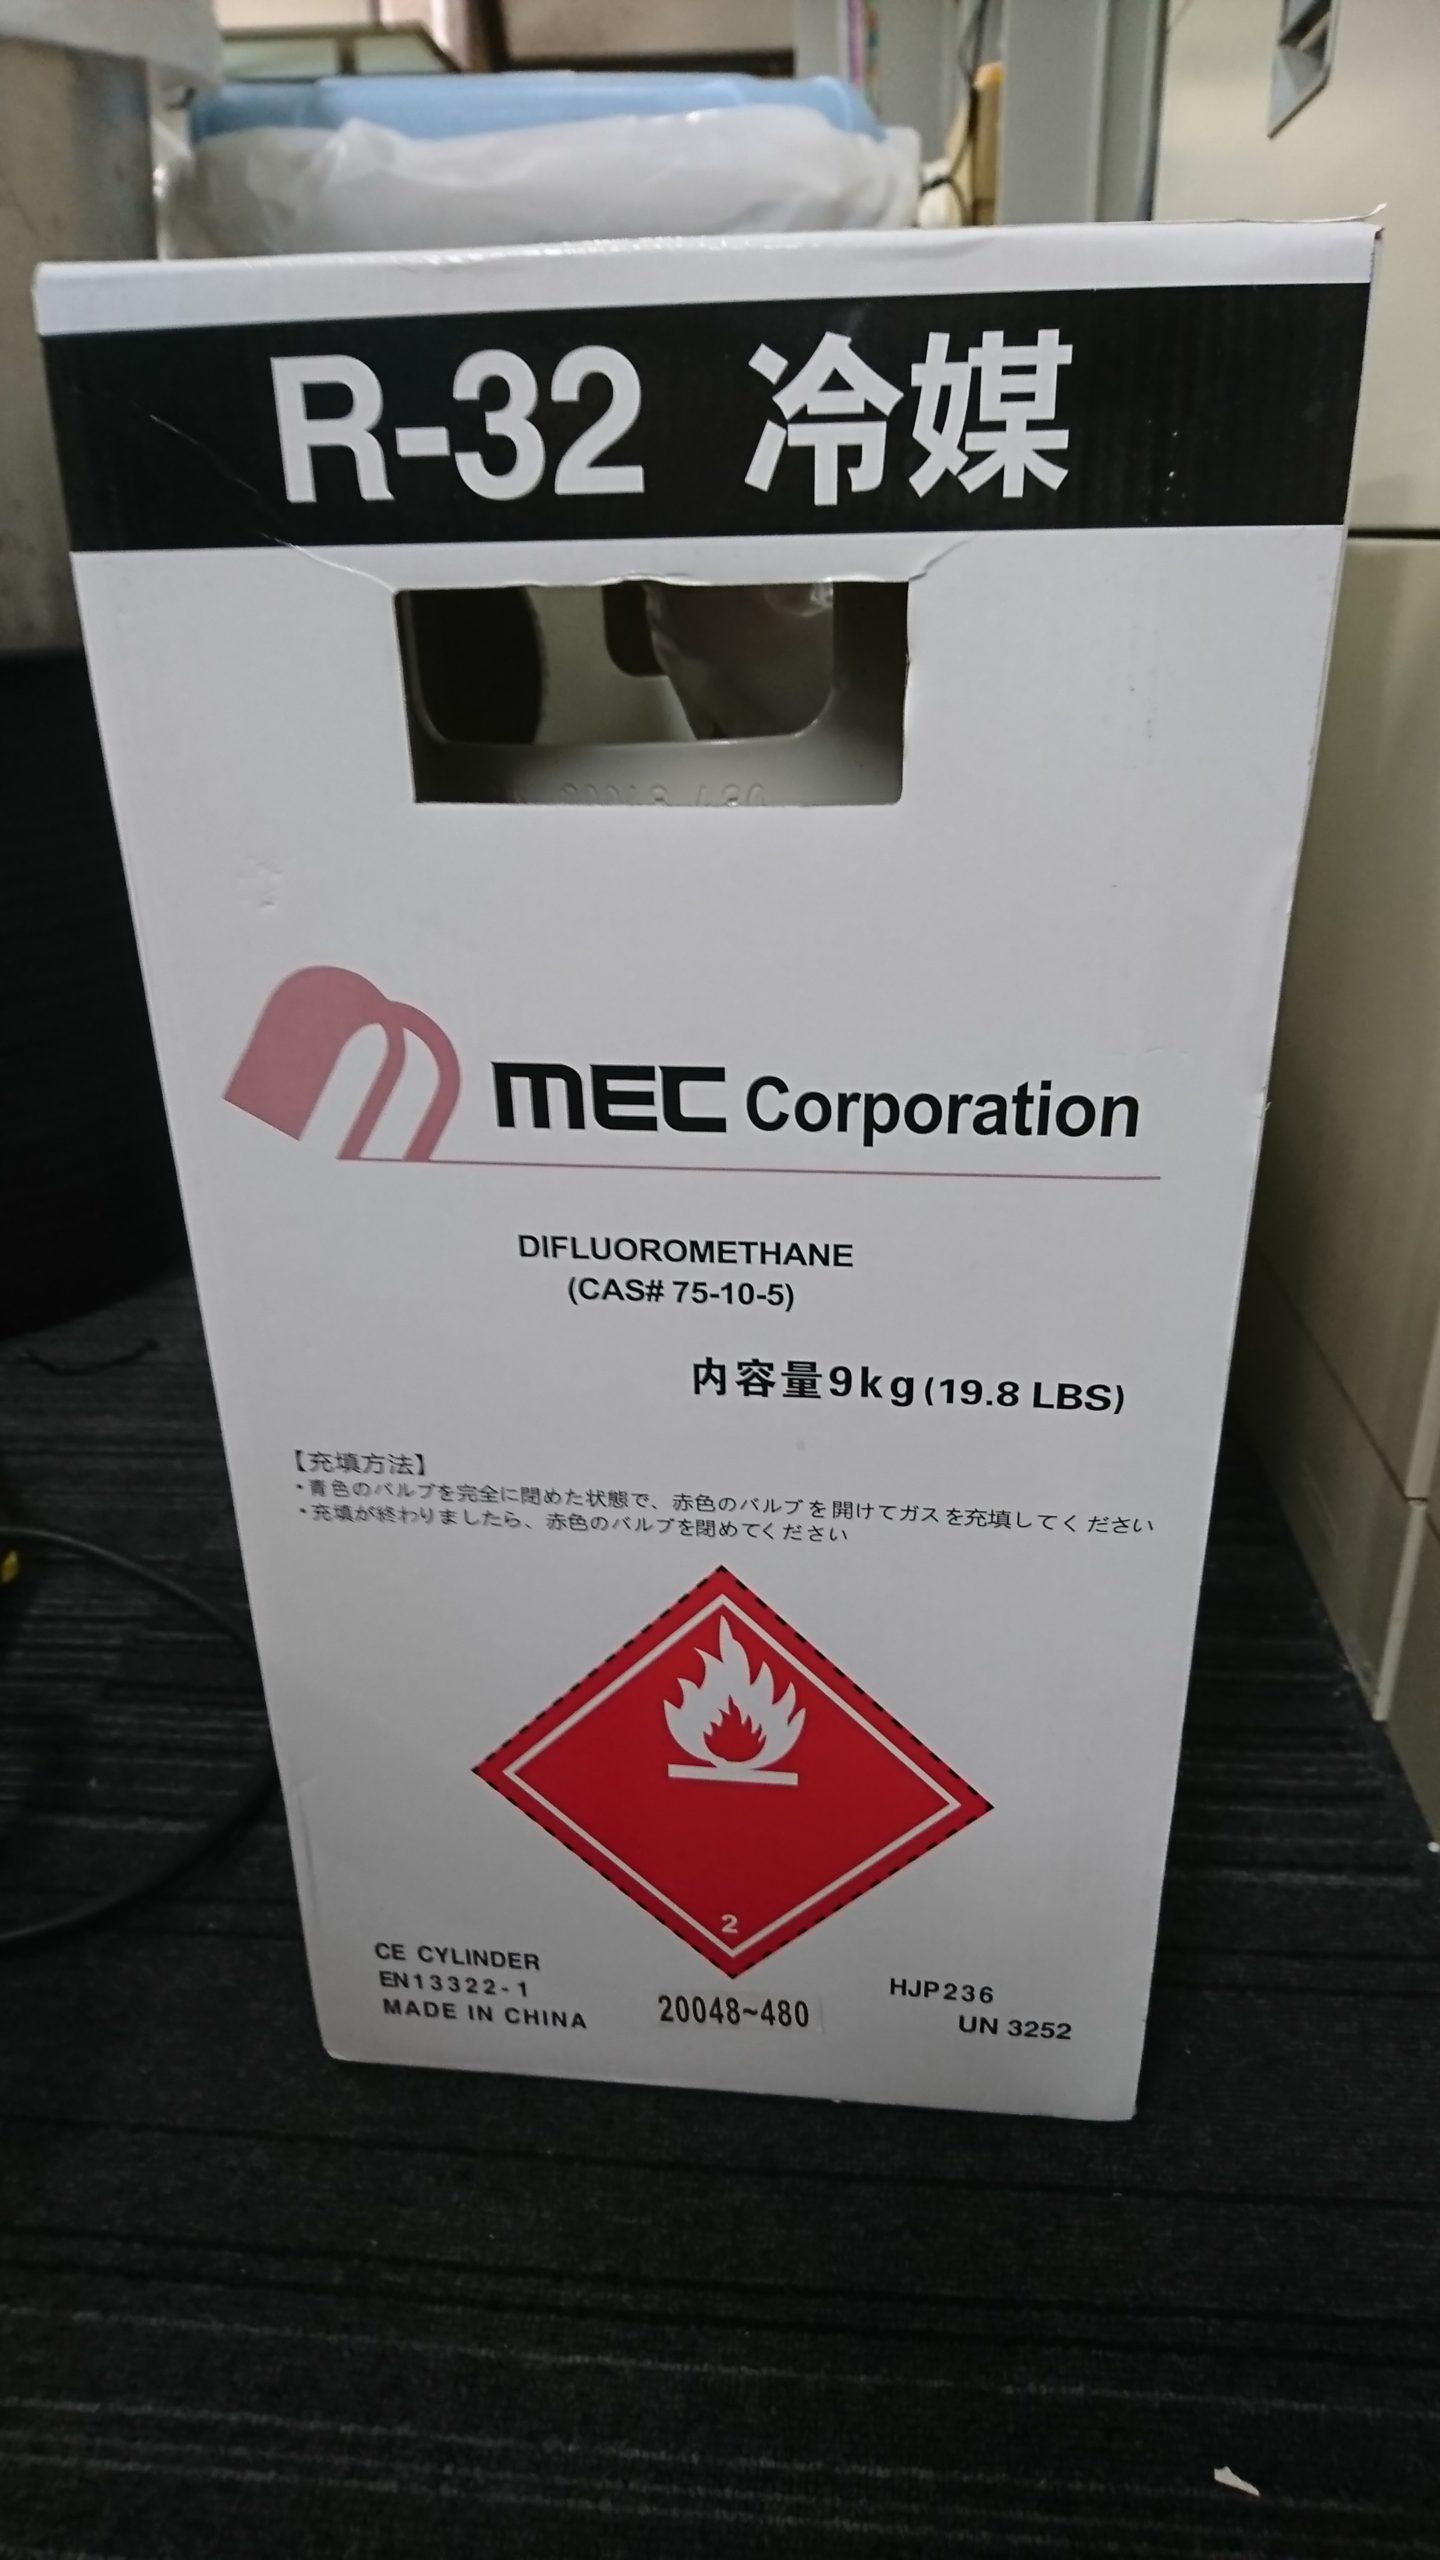 エアコン用冷媒ガス R-32 画像